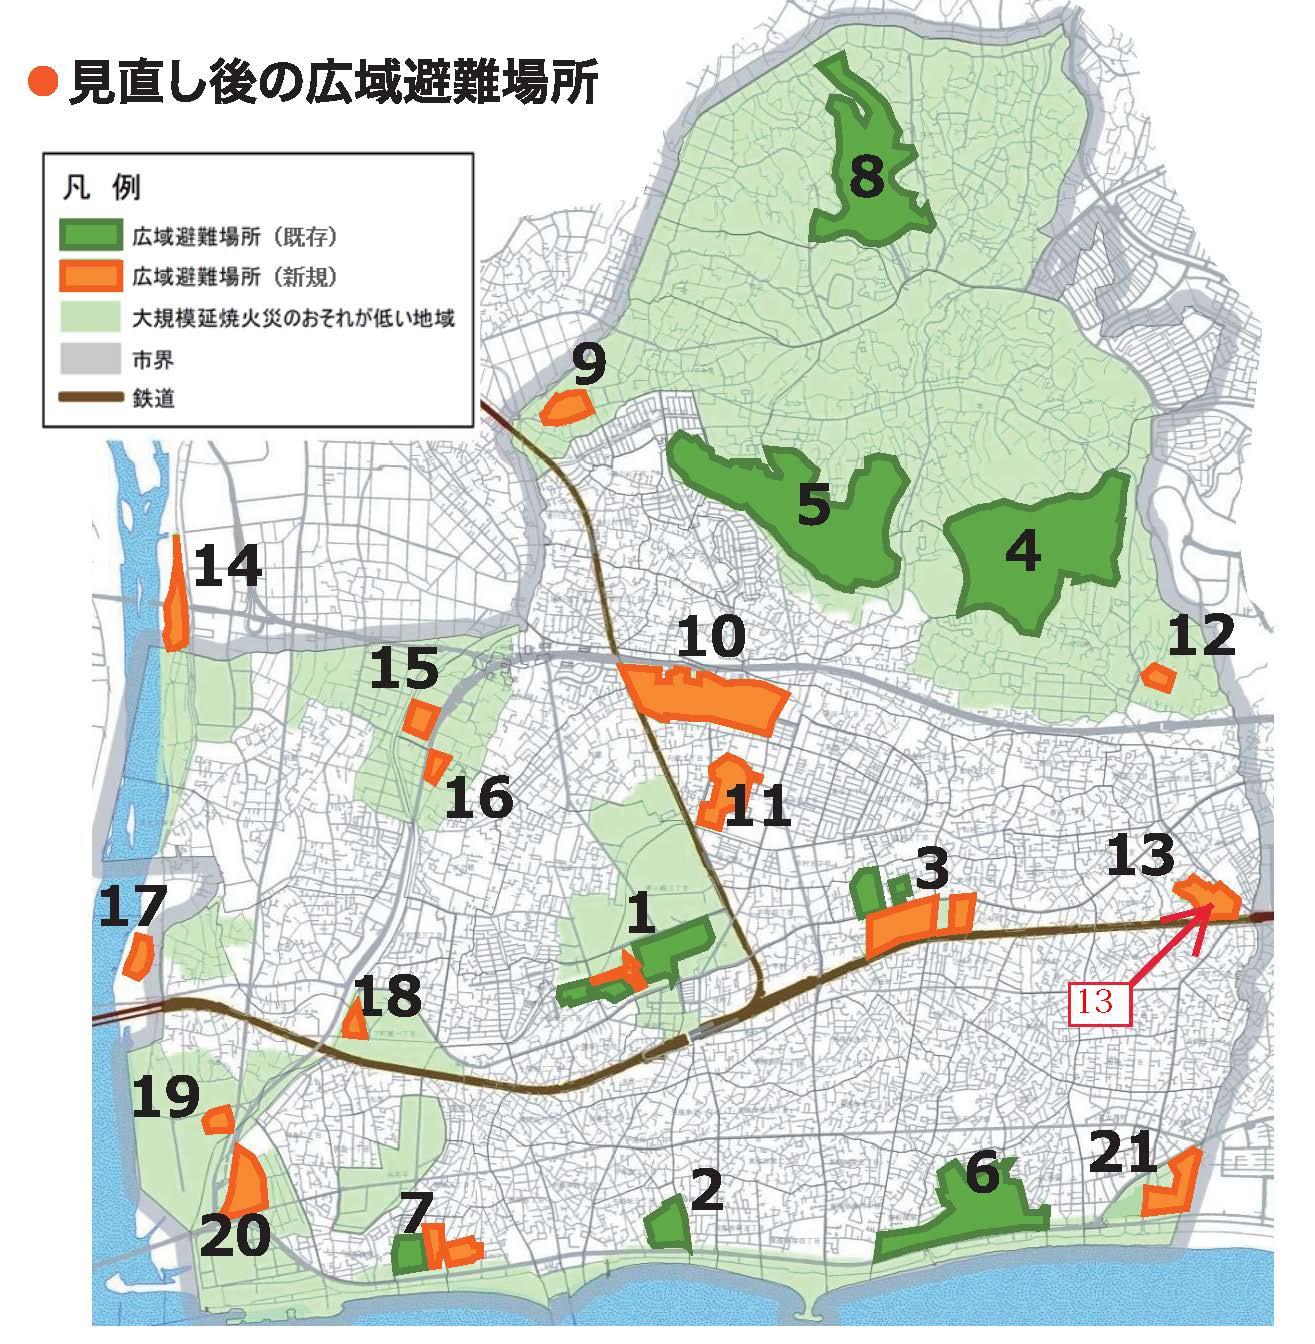 13.広域避難場所_茅ヶ崎市地図